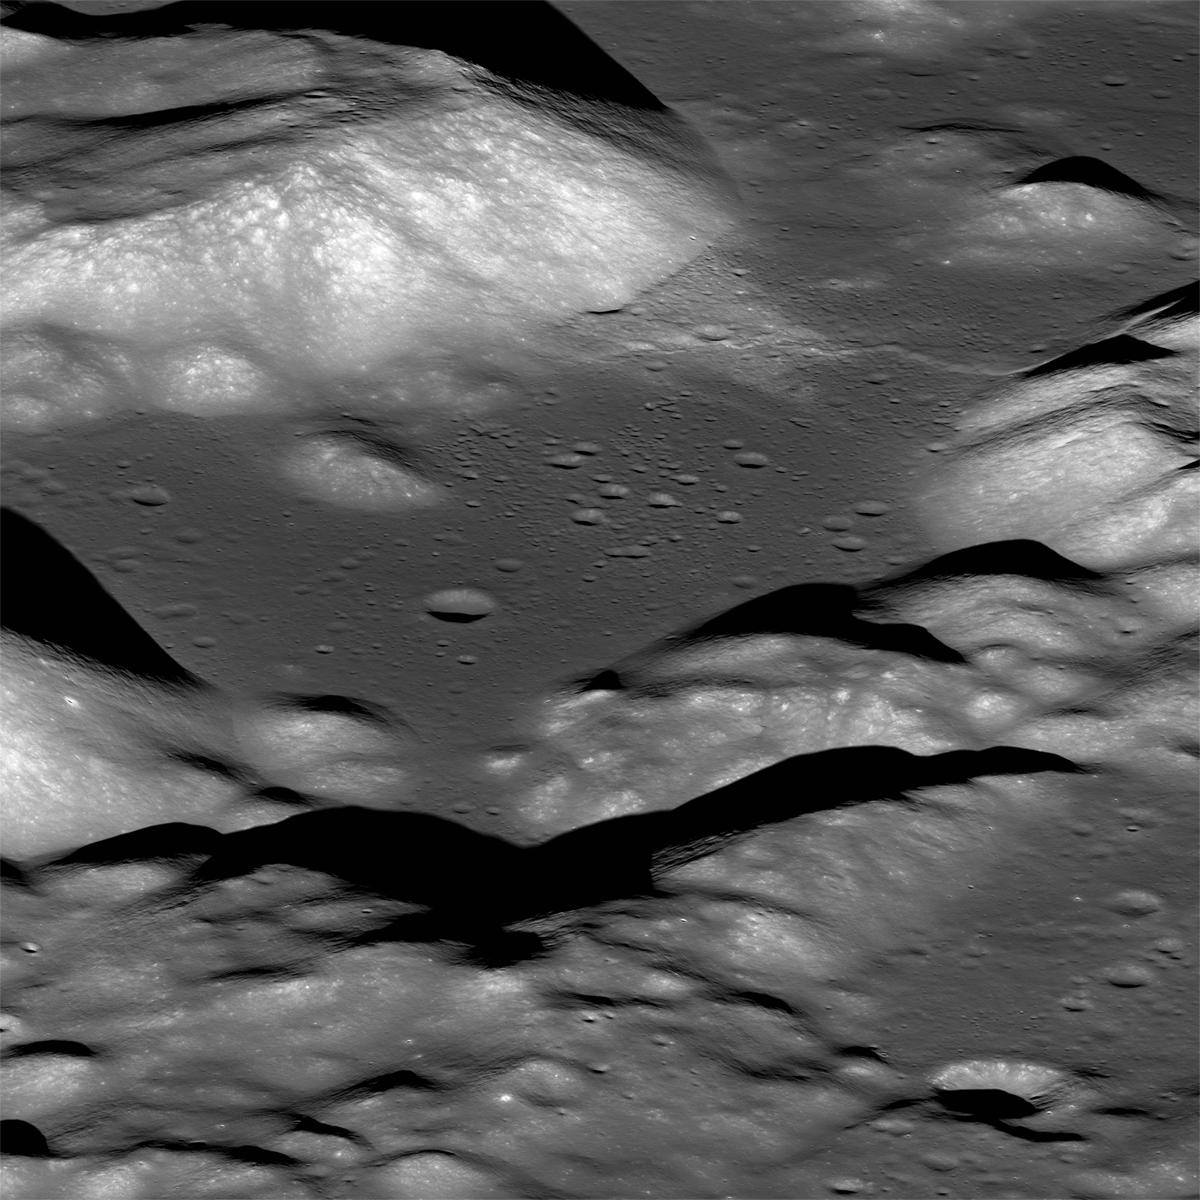 Розломи на Місяці